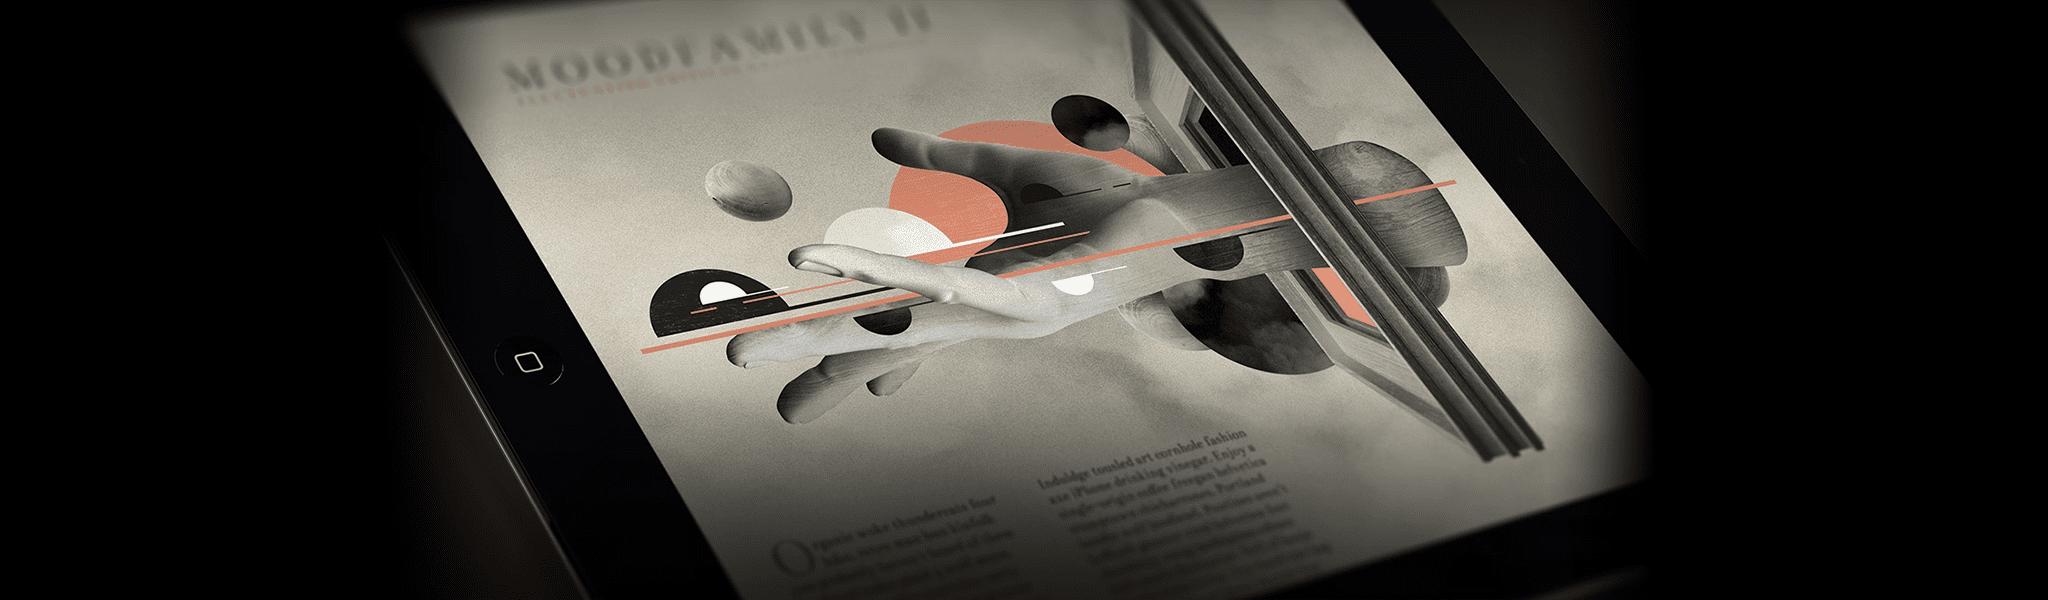 Adobe-InDesign-Licencias-Venta-Suscripciones-México